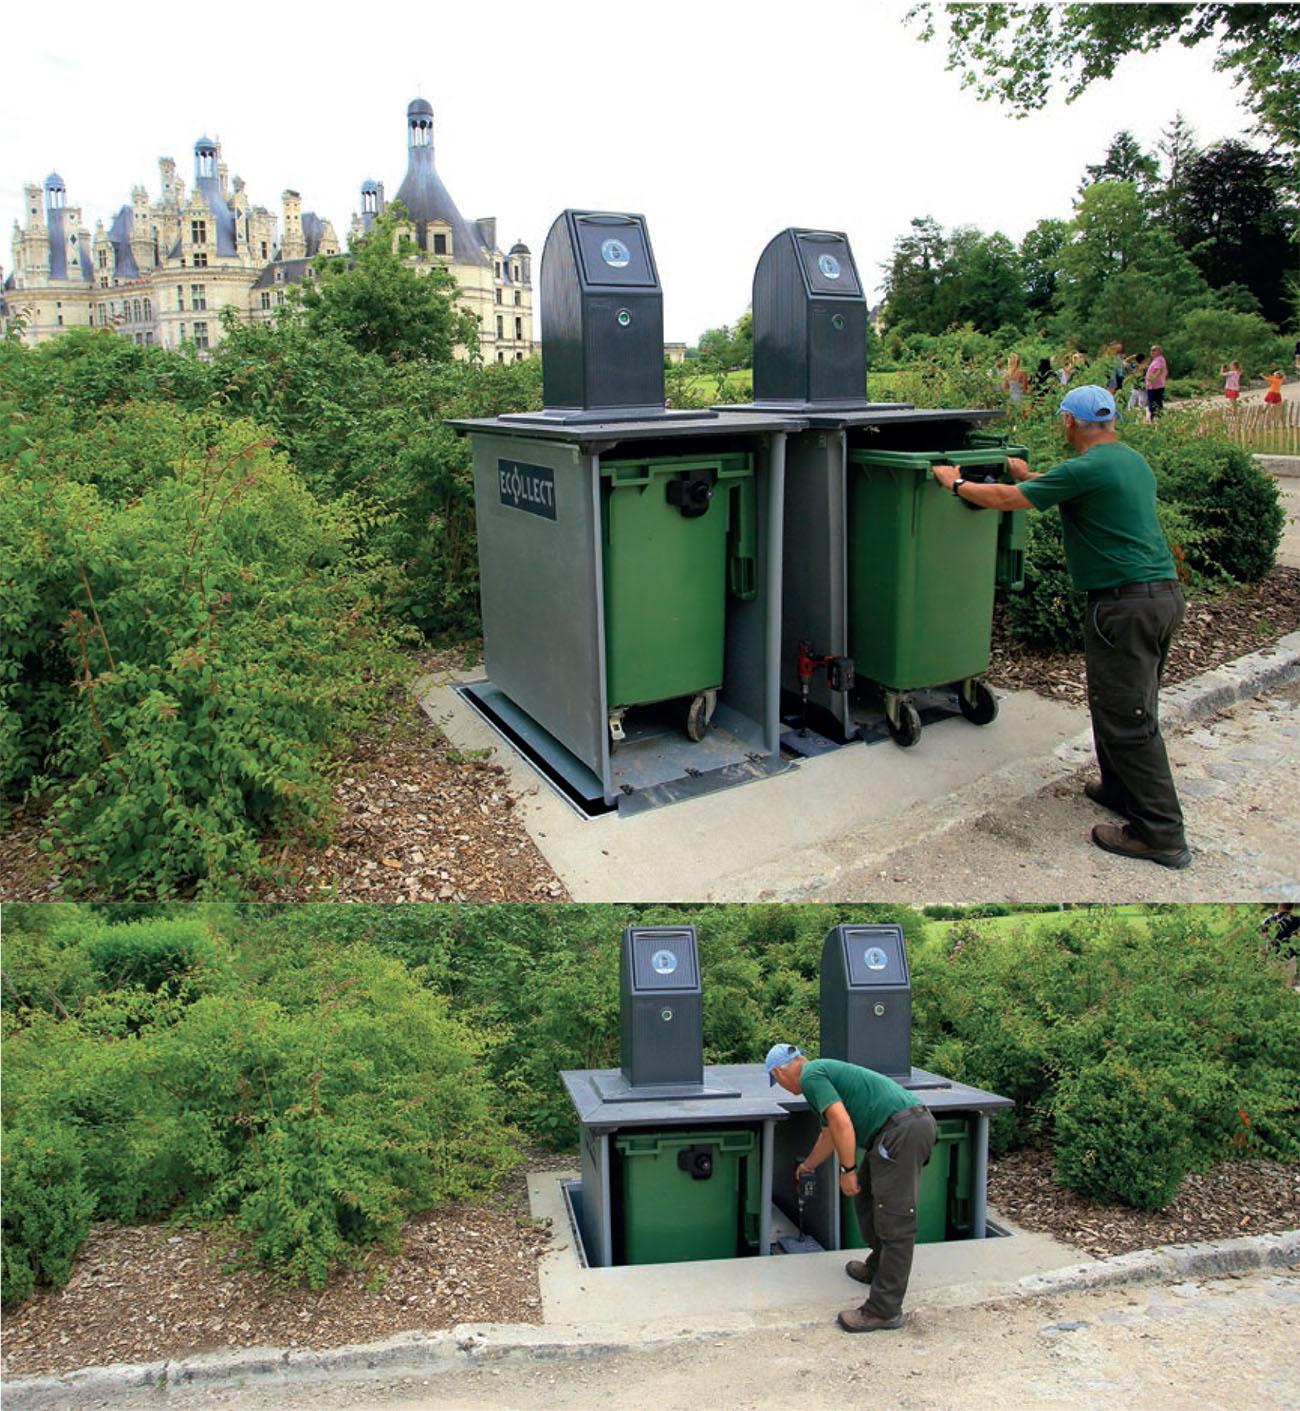 Mobilier urbain : les poubelles Ecobac 1500 et Ecobac 360